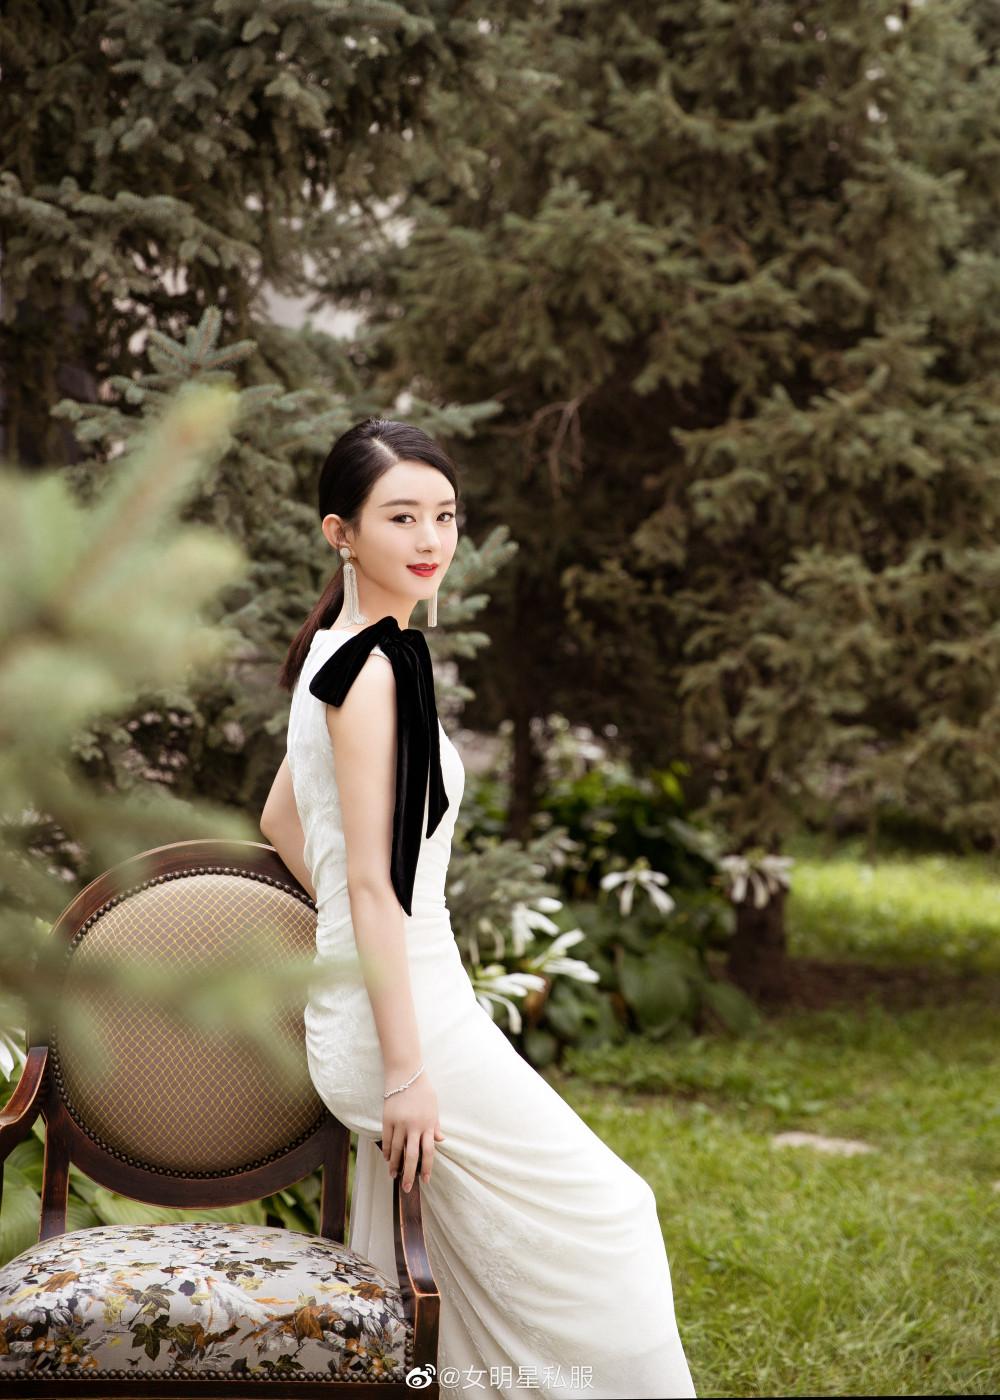 Triệu Lệ Dĩnh hiện là một trong những cái tên có sức ảnh hưởng lớn trong làng giải trí Hoa ngữ